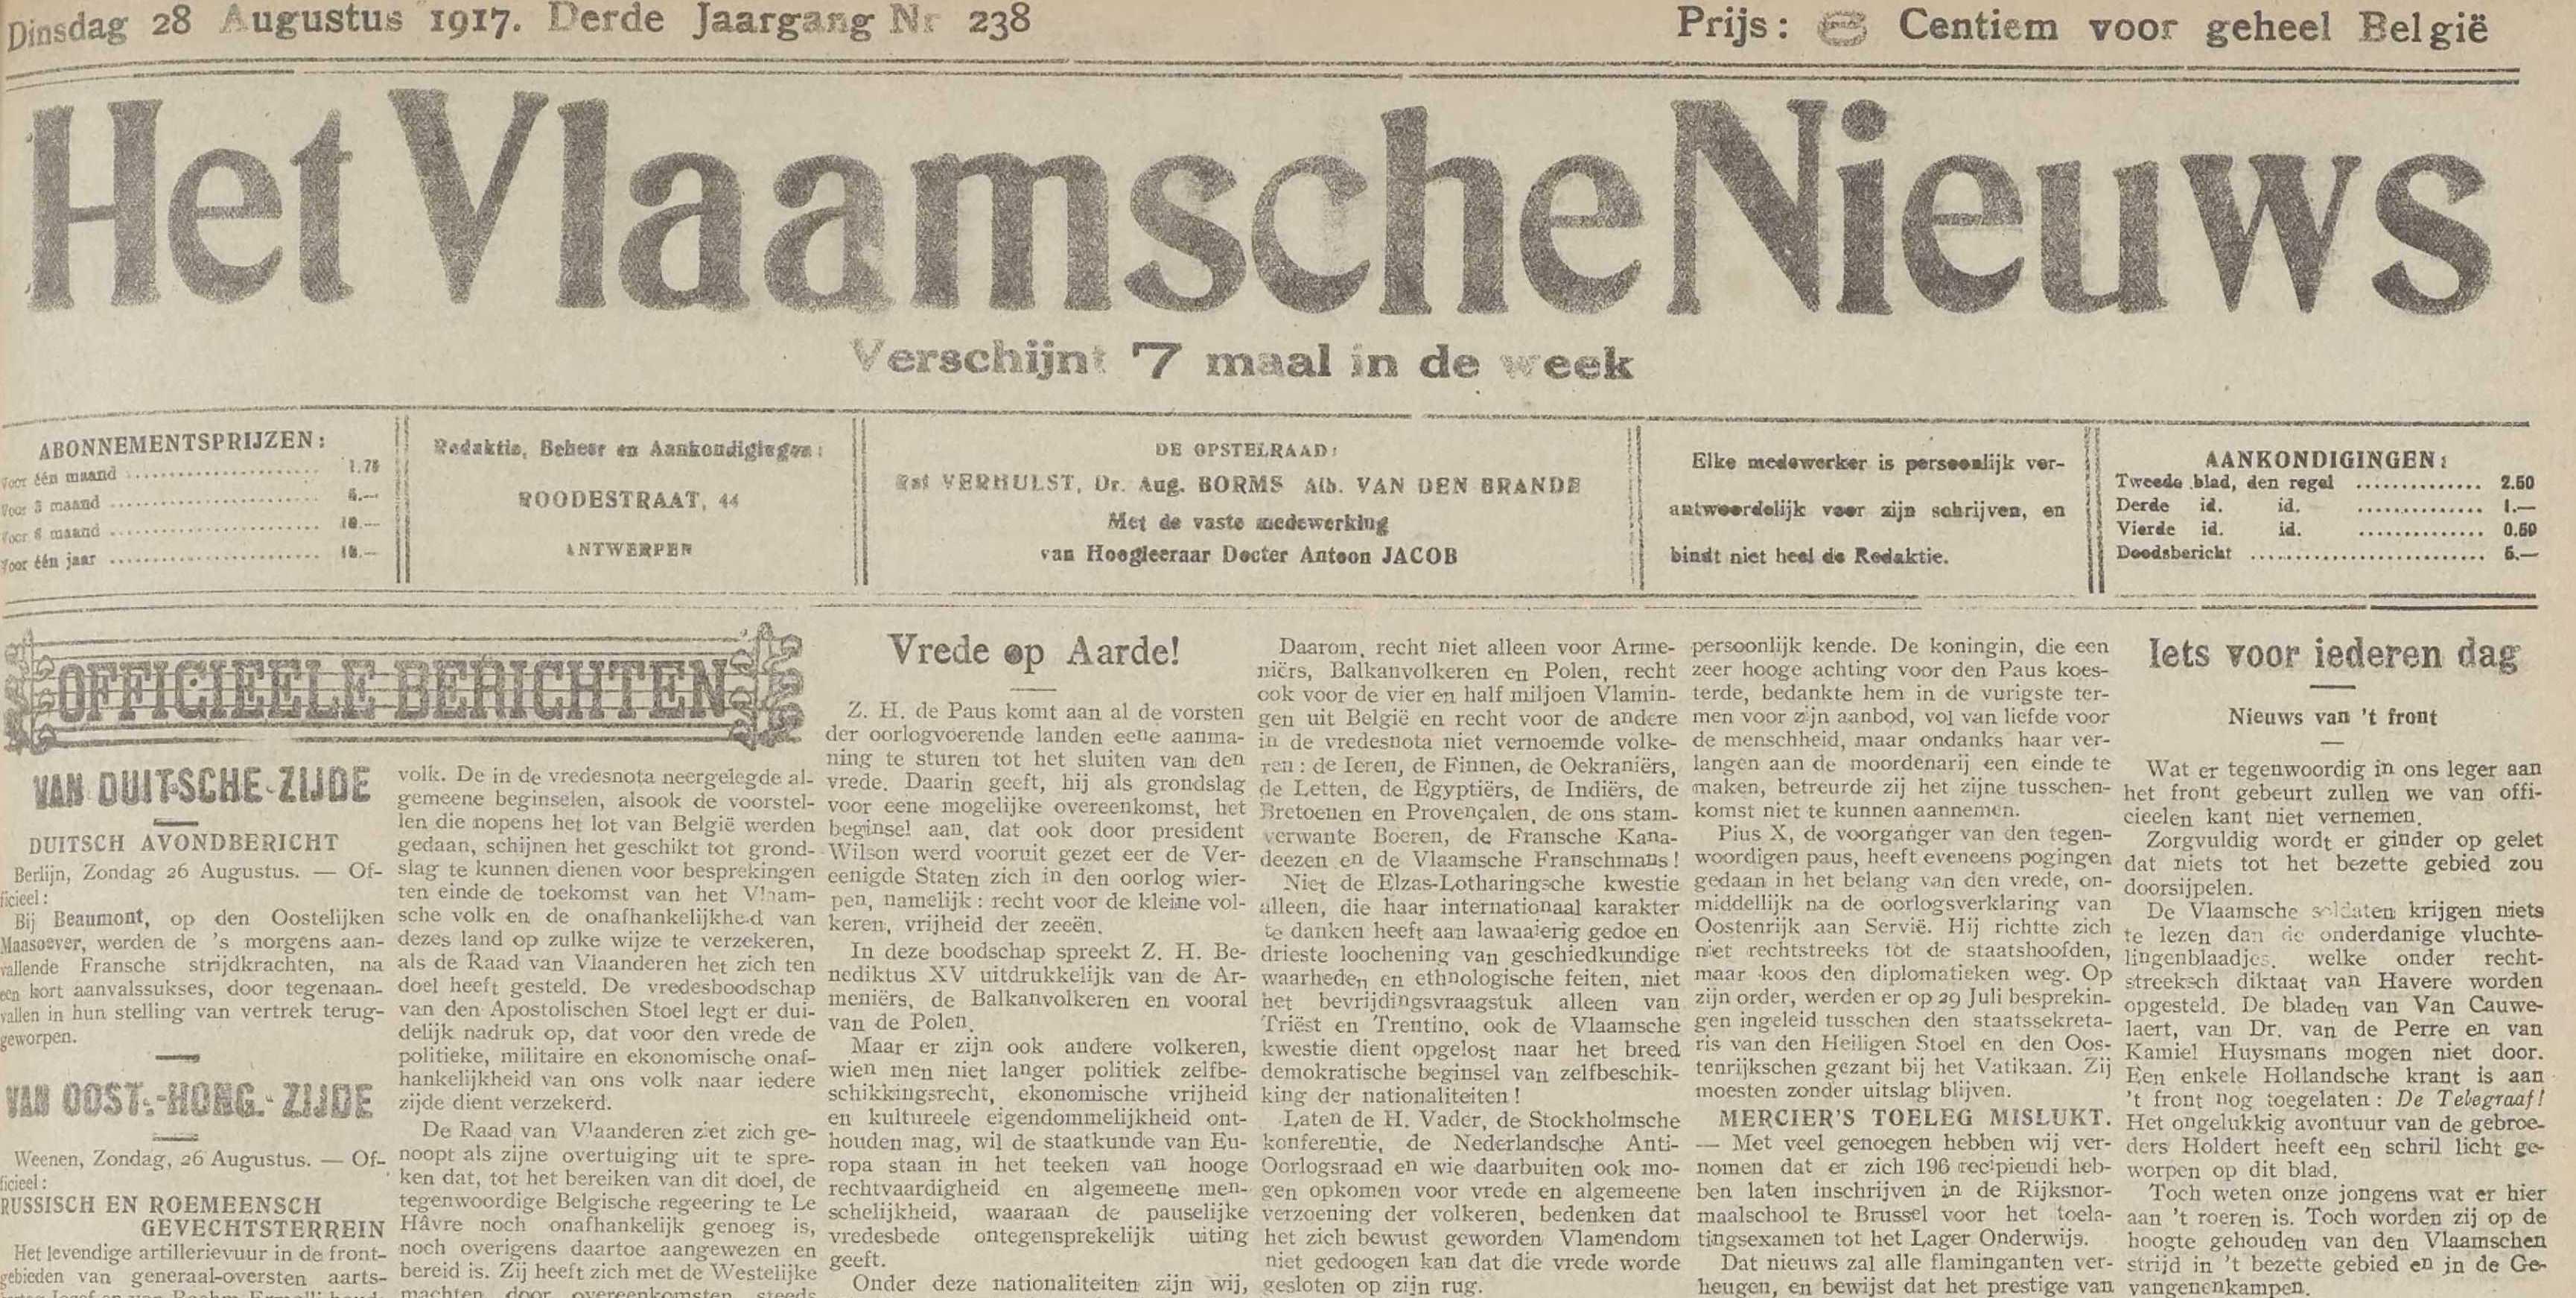 Extract uit Het Vlaamsche nieuws, p. 1, 28/08/1917